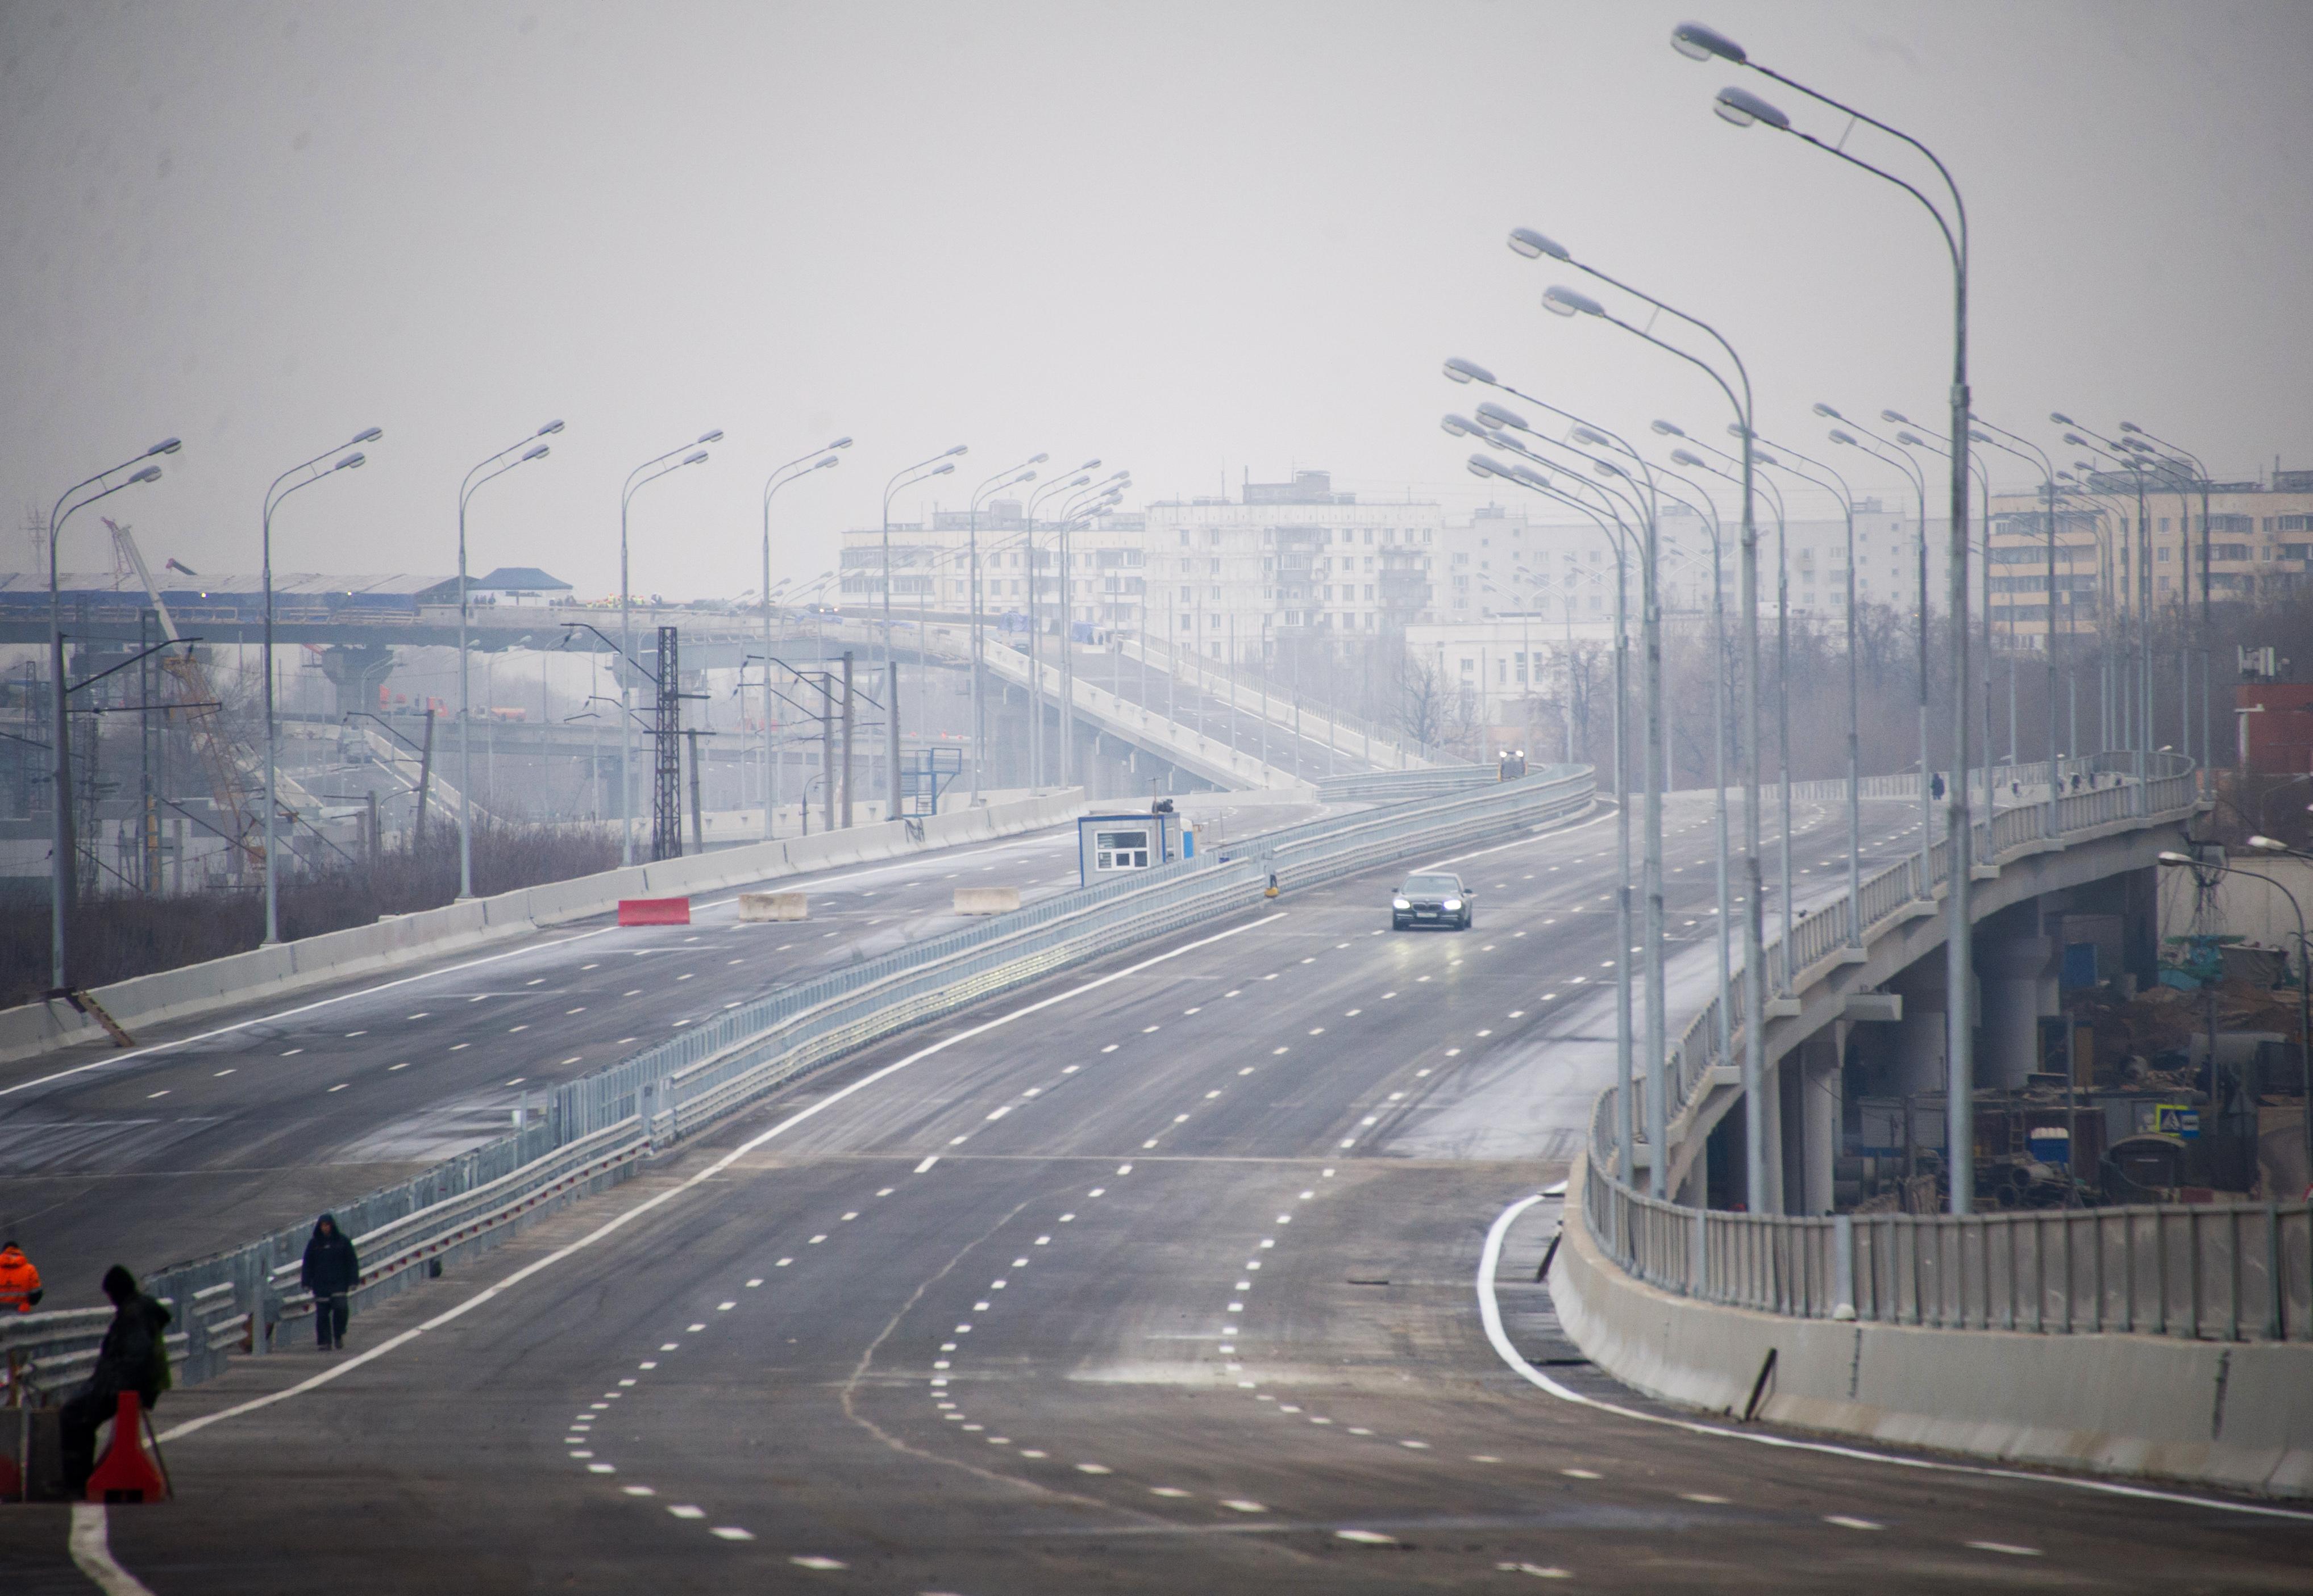 Строительство автодороги от Бусиновской развязки до Фестивальной улицы и развязки на пересечении с Фестивальной улицей